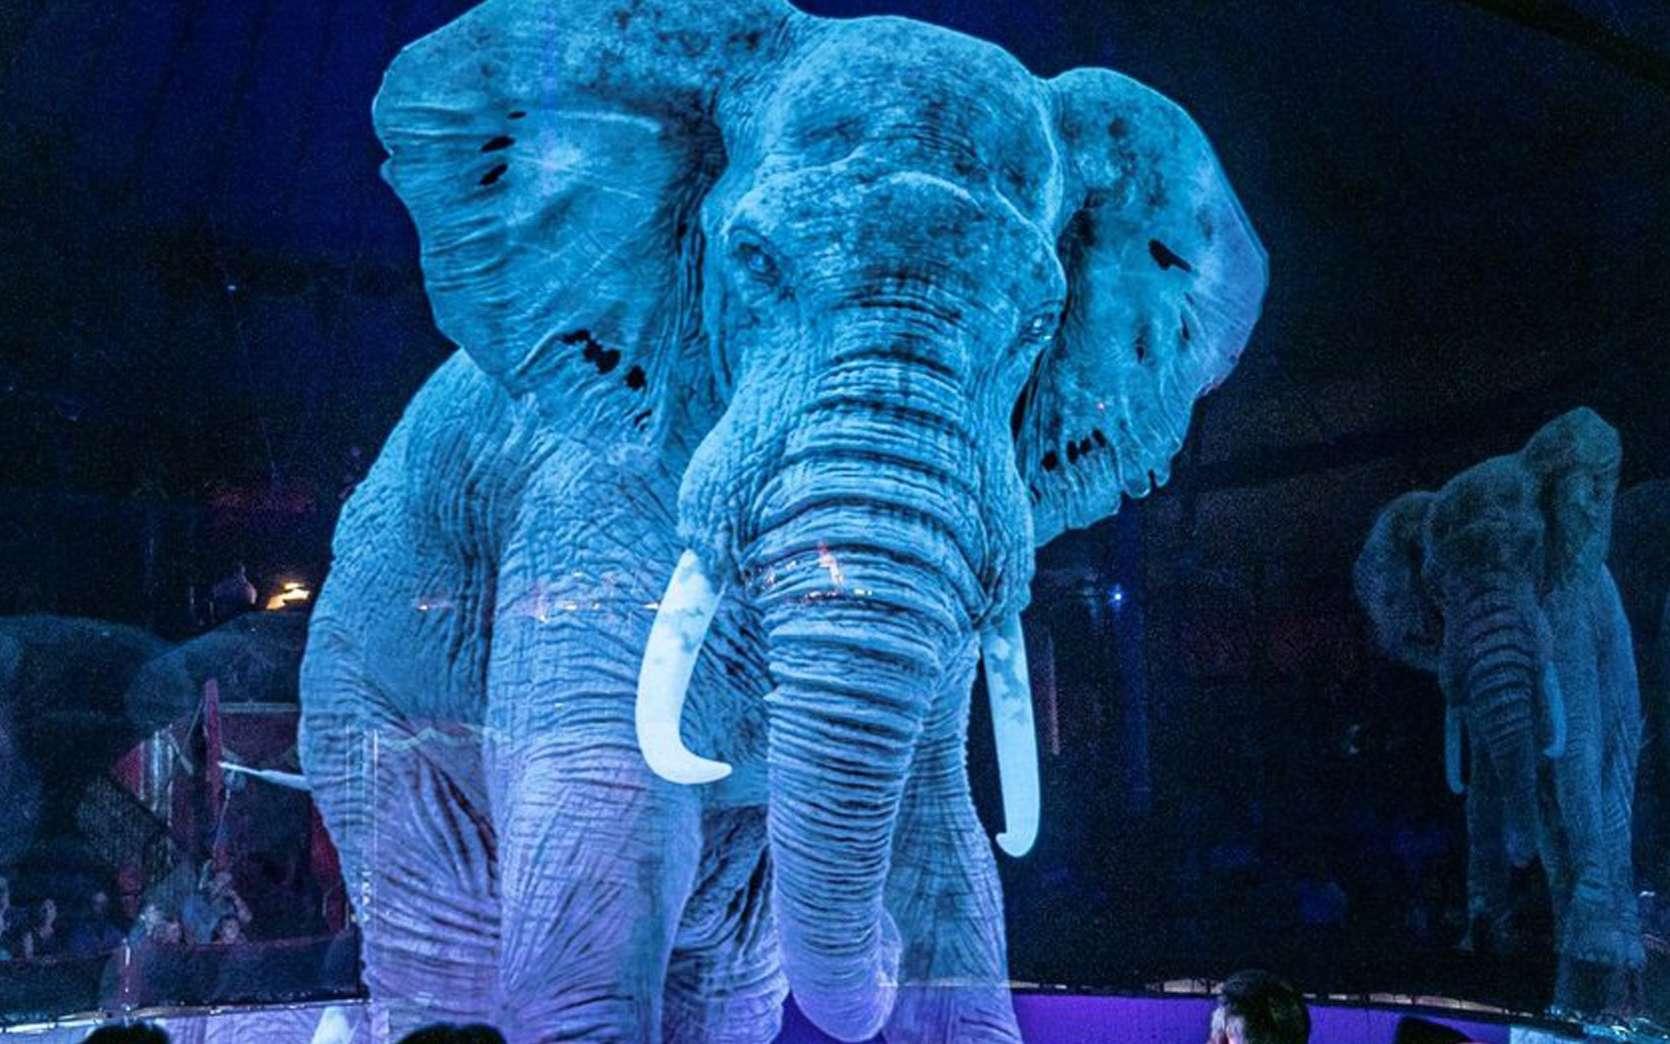 Les animaux holographiques du cirque Roncalli. © Cirque Roncalli